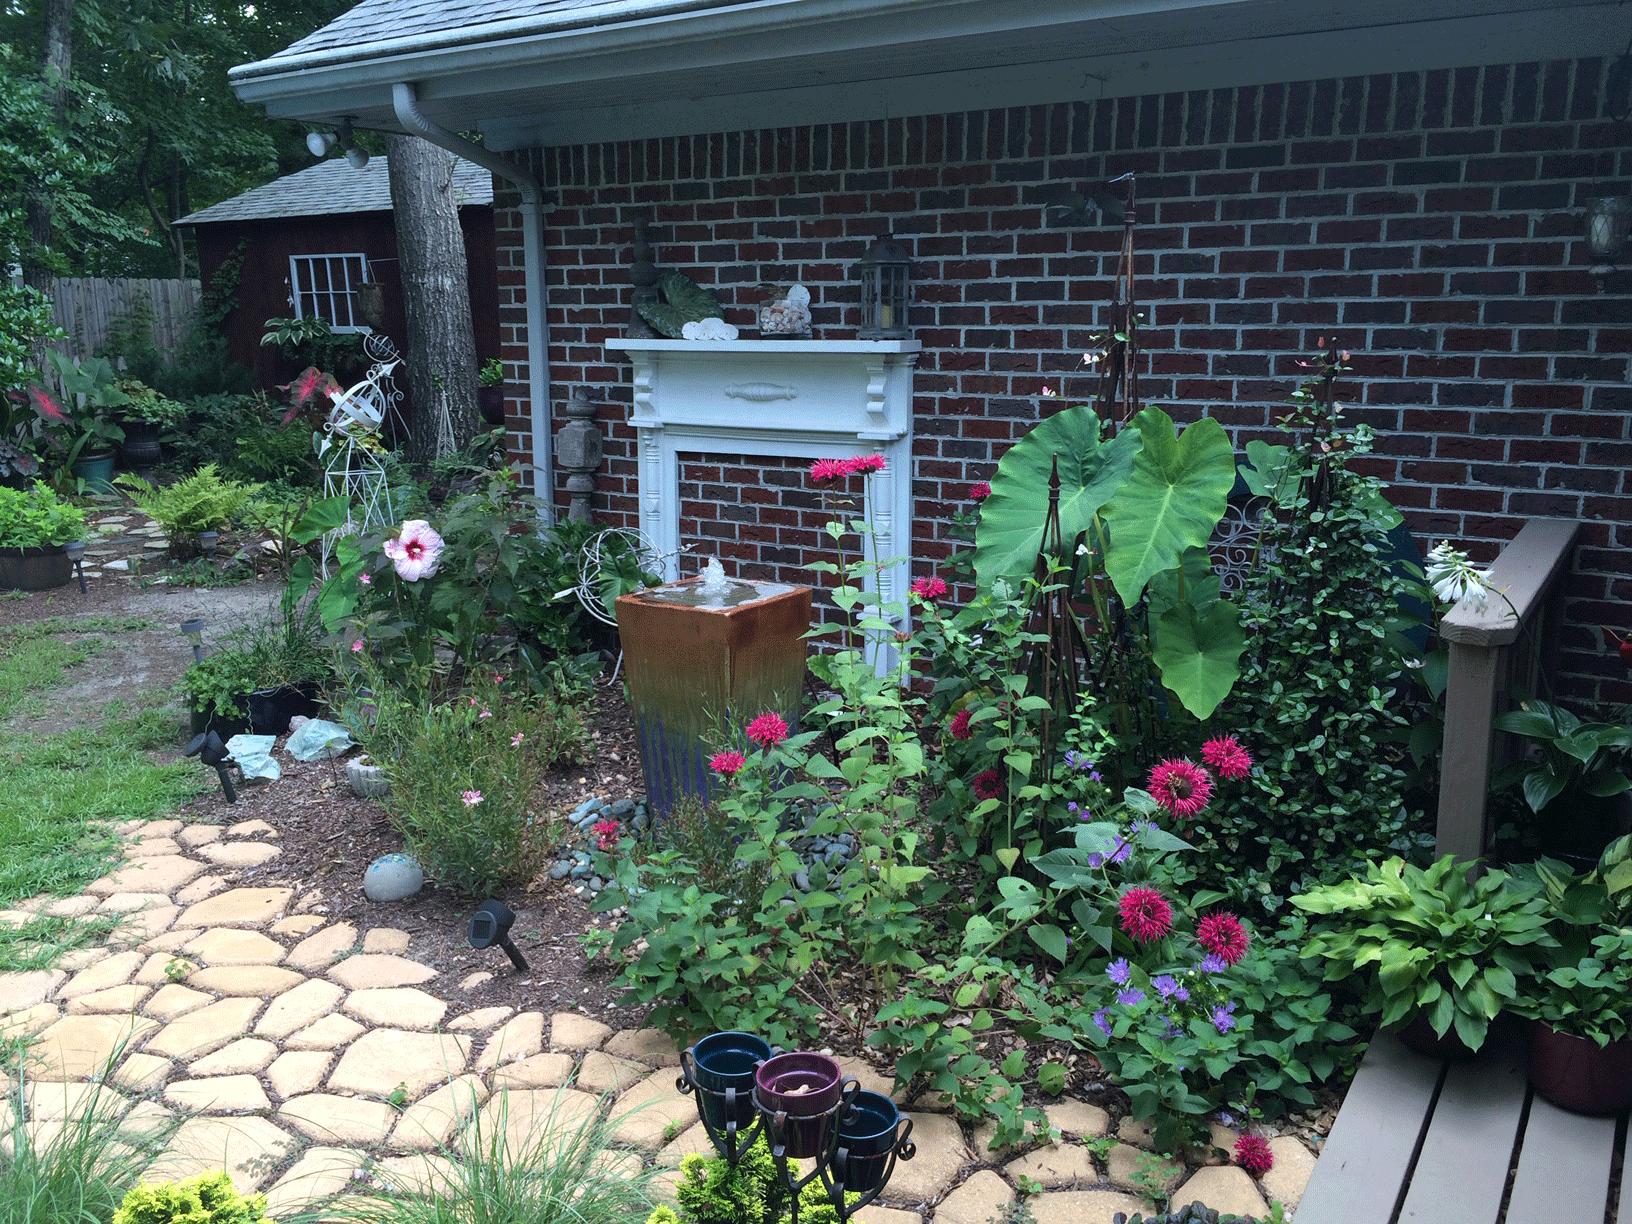 Landscape design garden with stone walkway